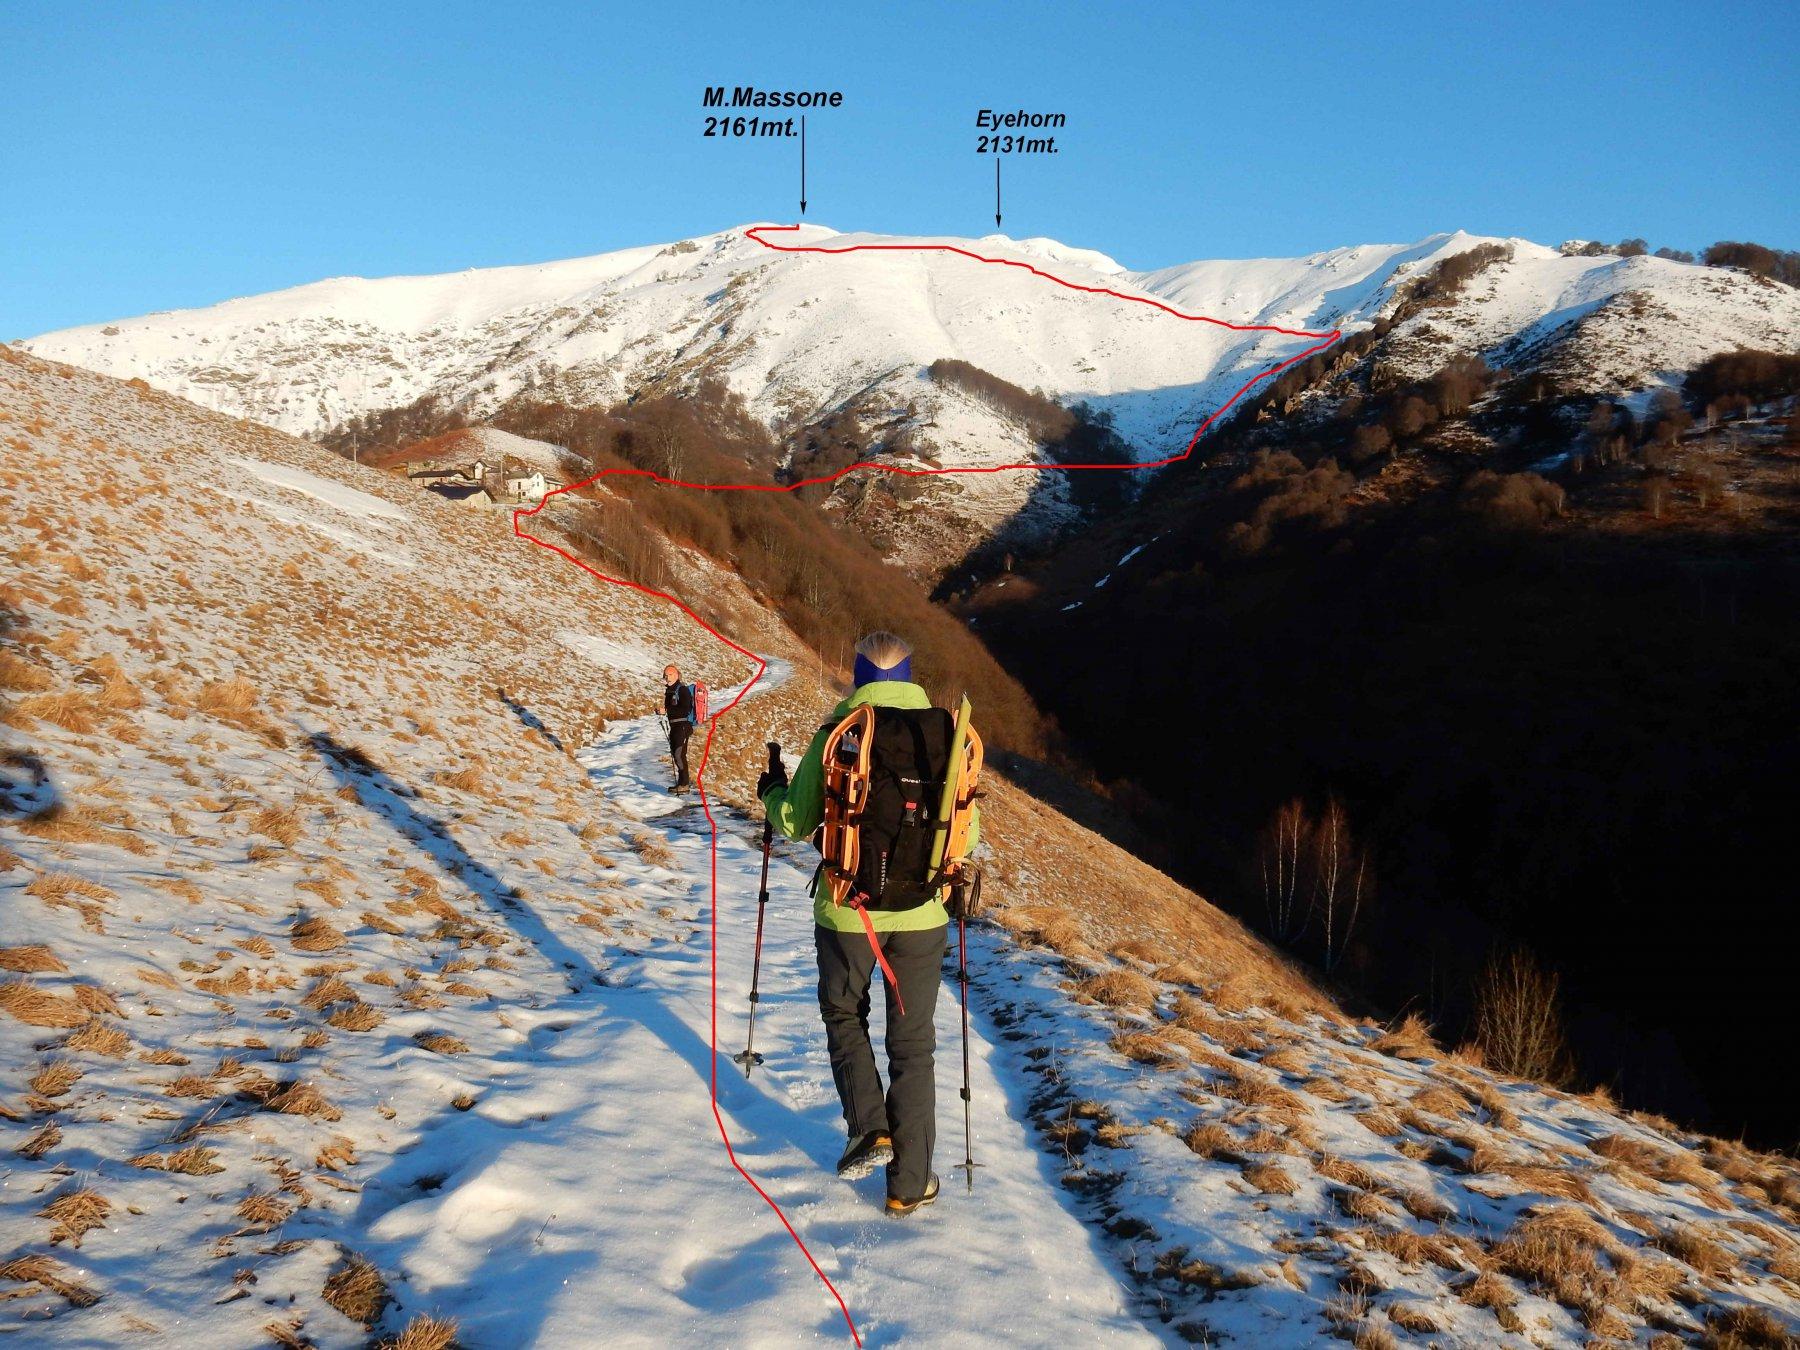 Itinerario tracciato in rosso per la salita al M.Massone visto dall'Alpe Loccia.